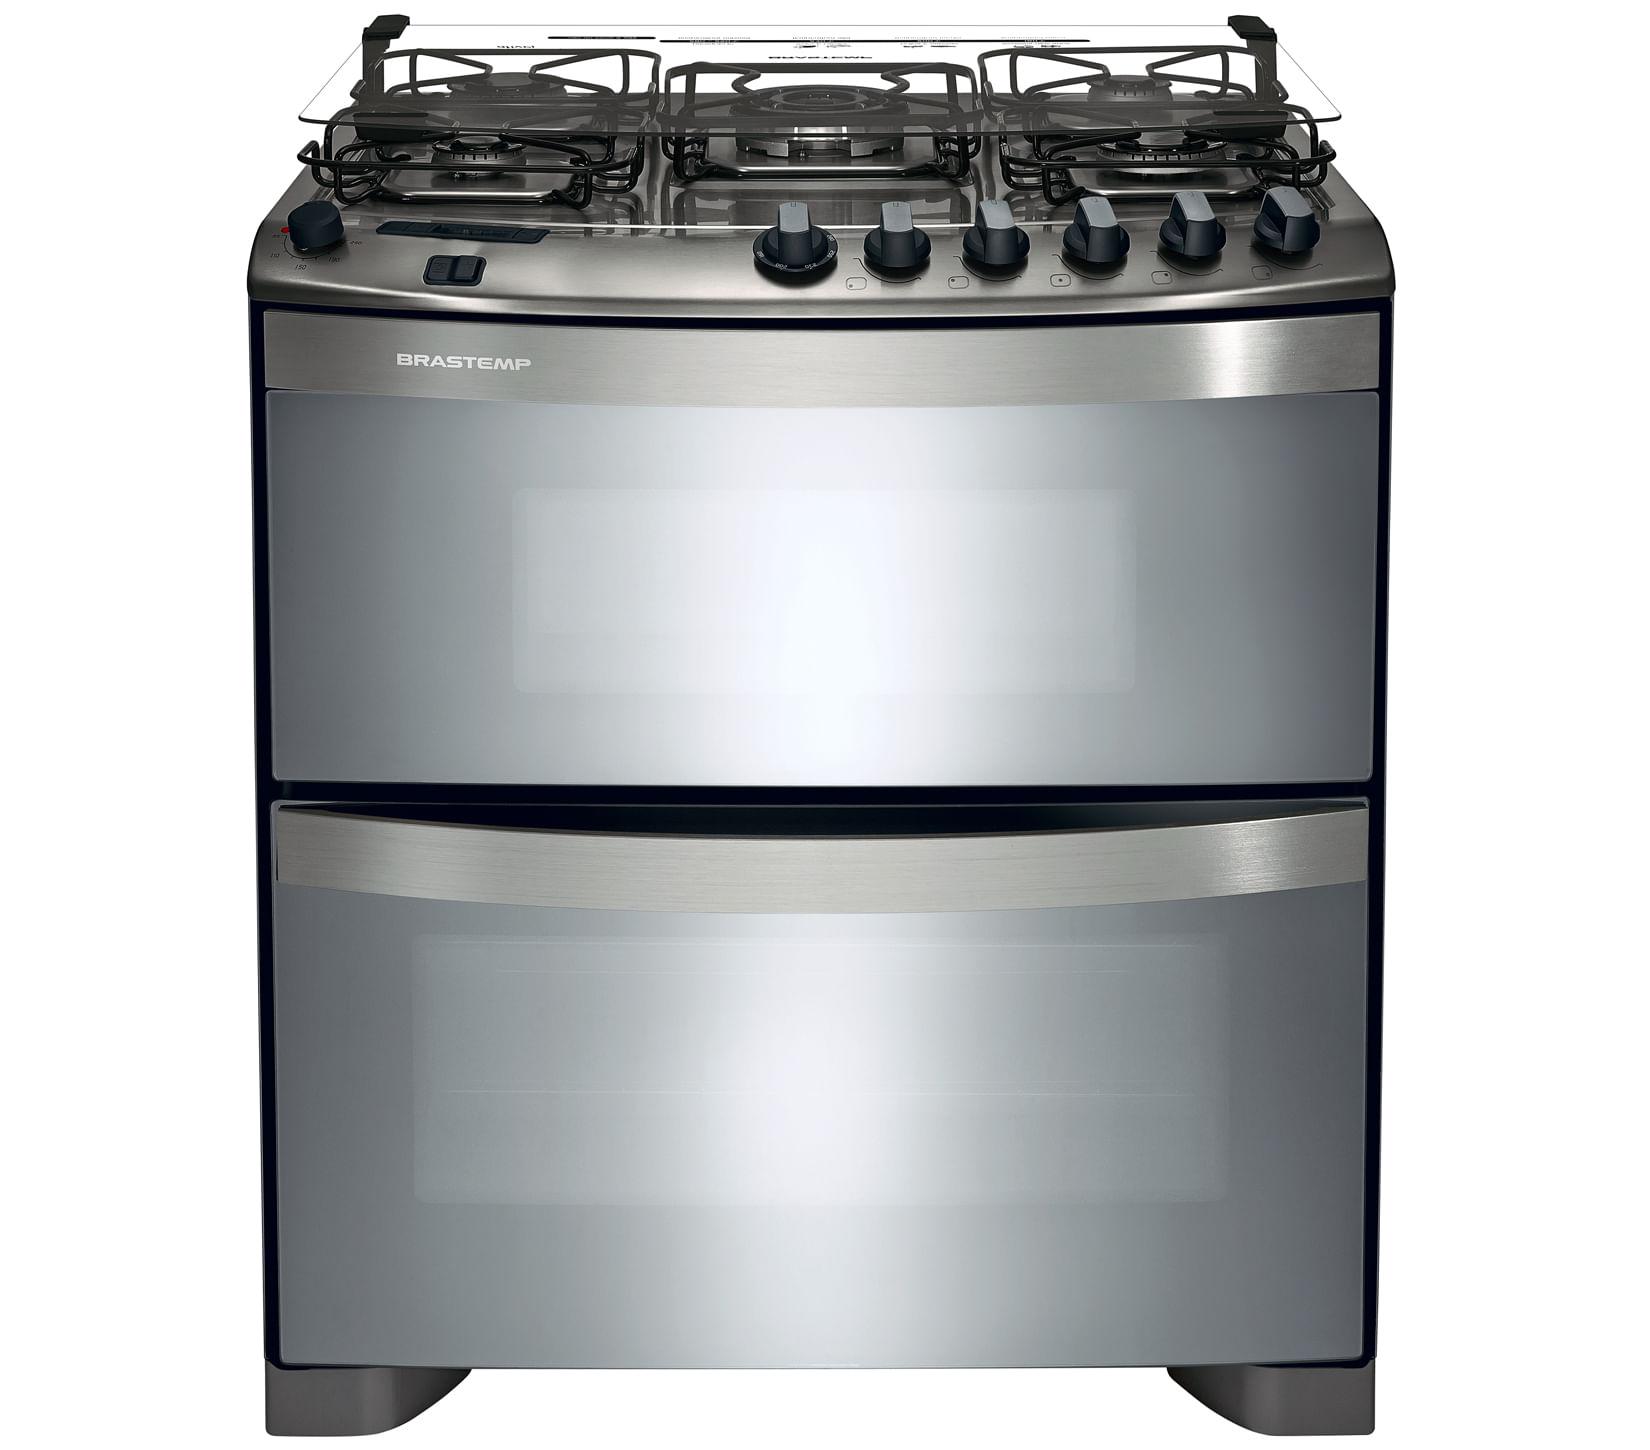 Fogão Brastemp 5 bocas duplo forno cor Inox com quadrichama e timer digital